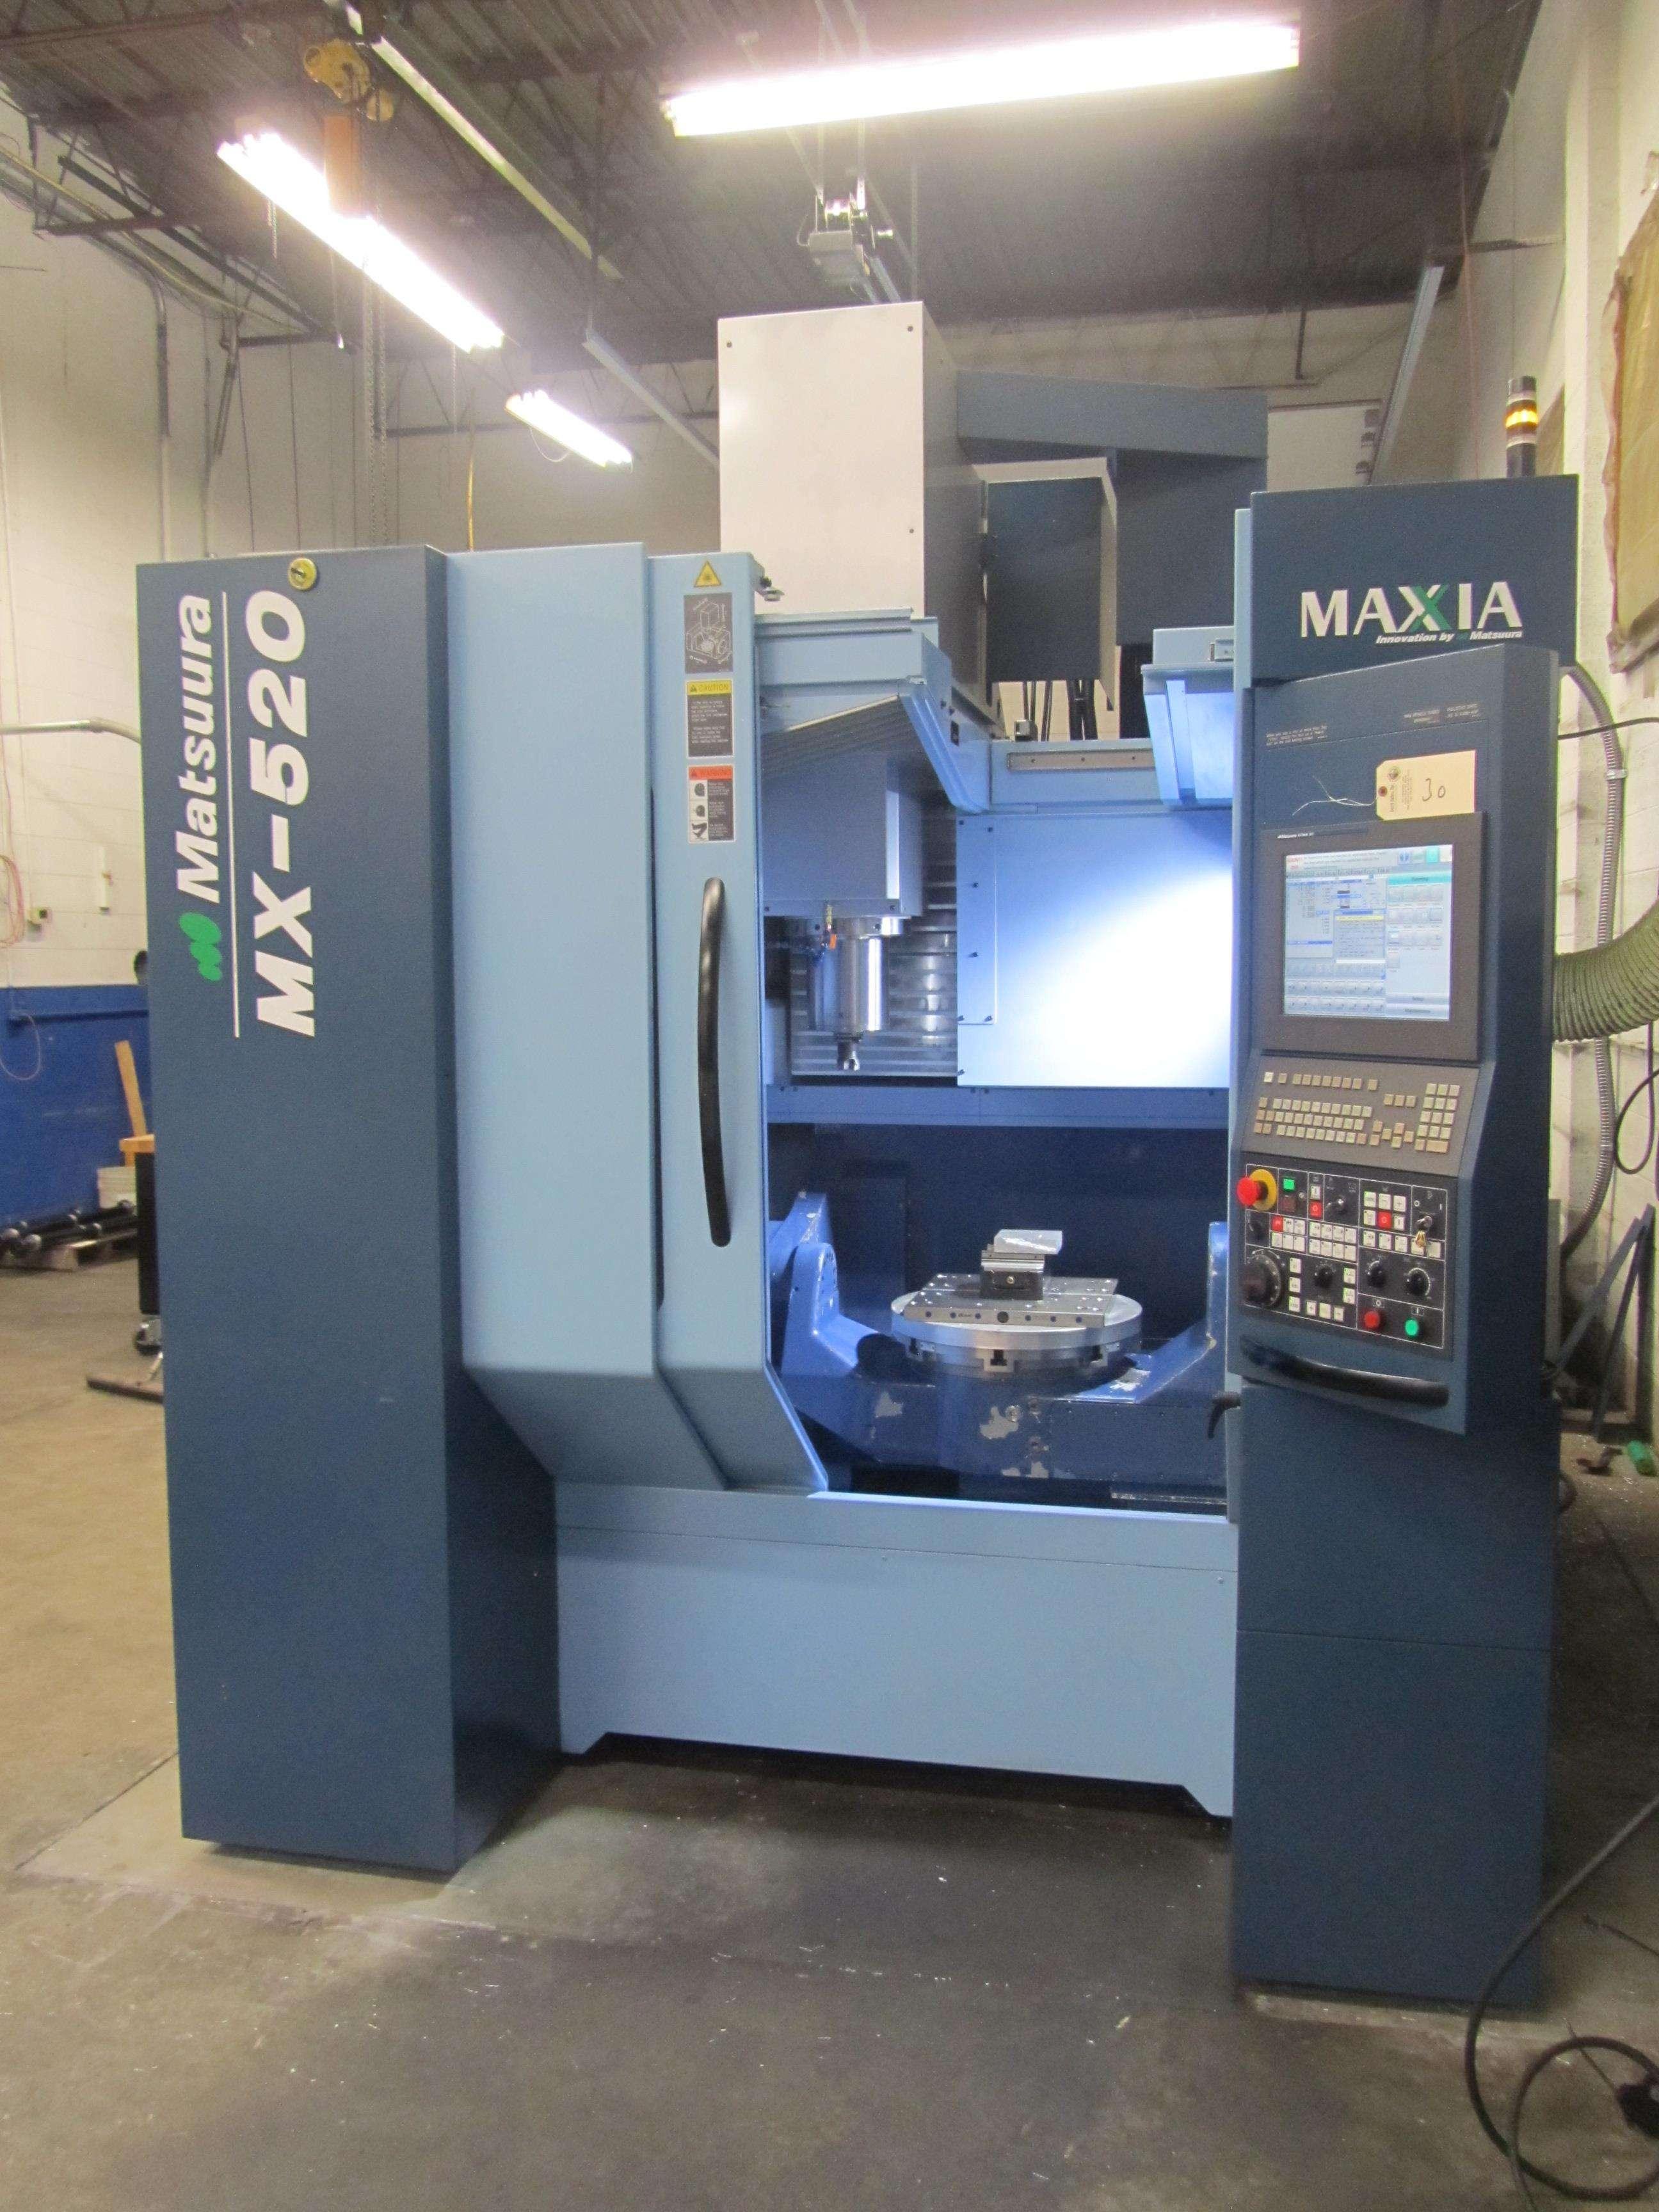 Bearbeitungszentrum - Vertikal MATSUURA MX-520 5-ACHS-CNC-VERTIKALES BEARBEITUNGSZENTRUM Bilder auf Industry-Pilot